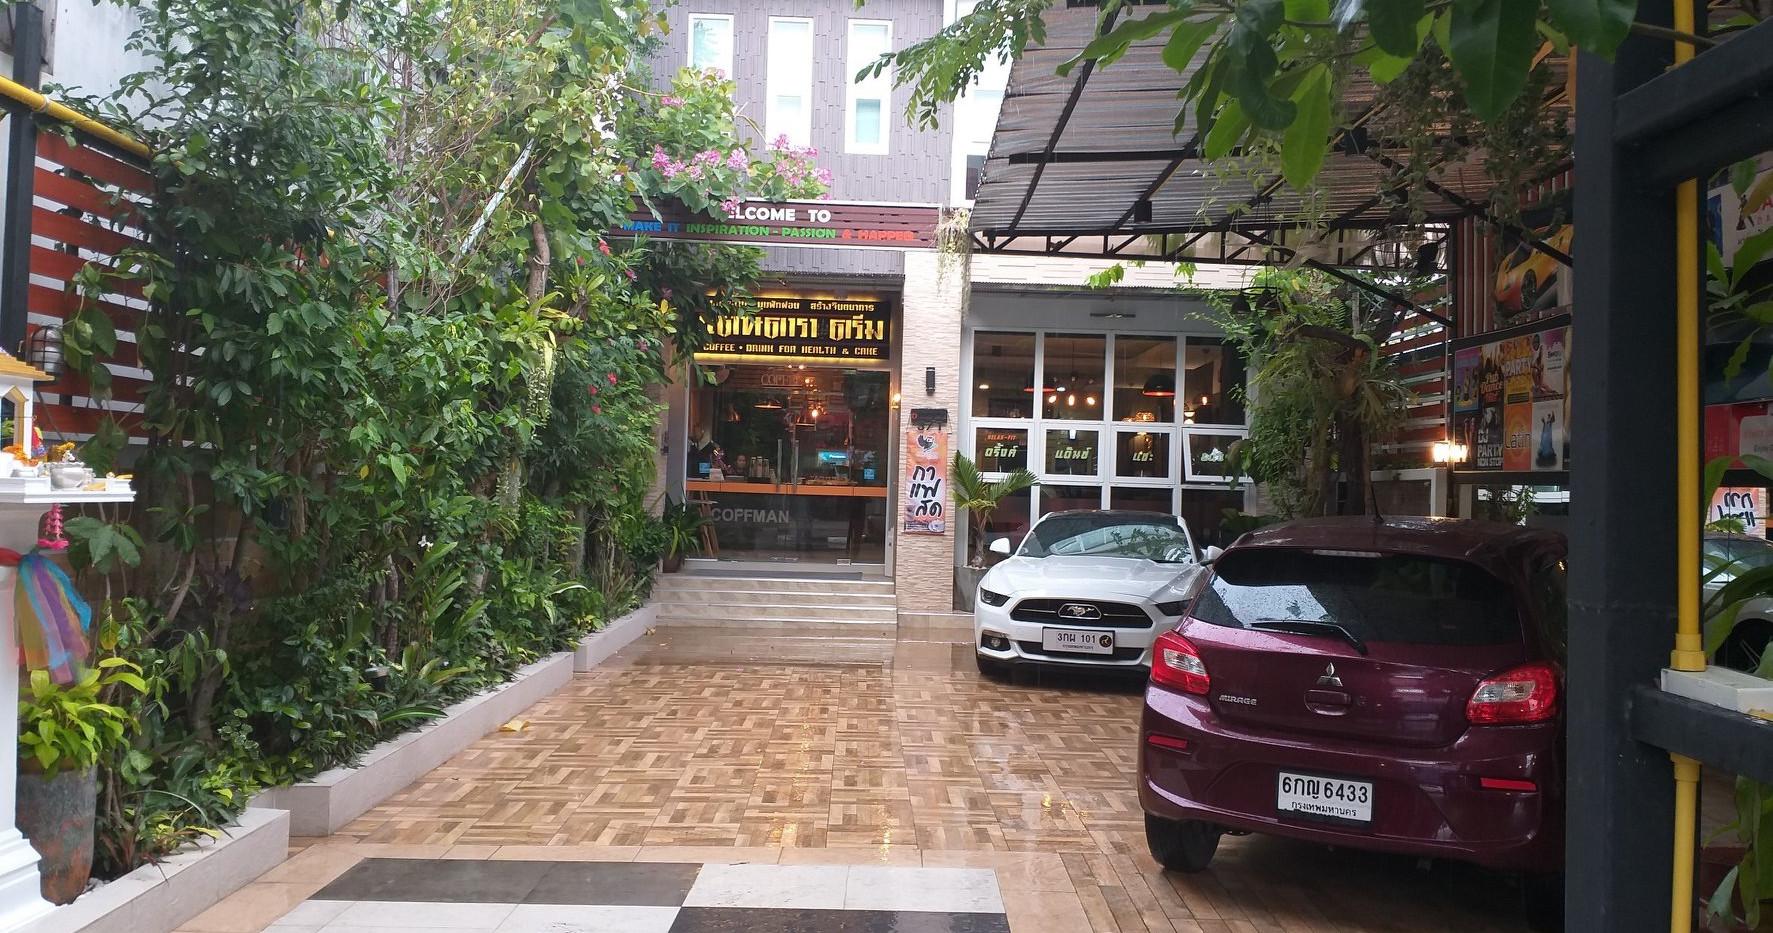 หหน้าร้านกาแฟคอฟแมนสาขาร้อยเอ็ด